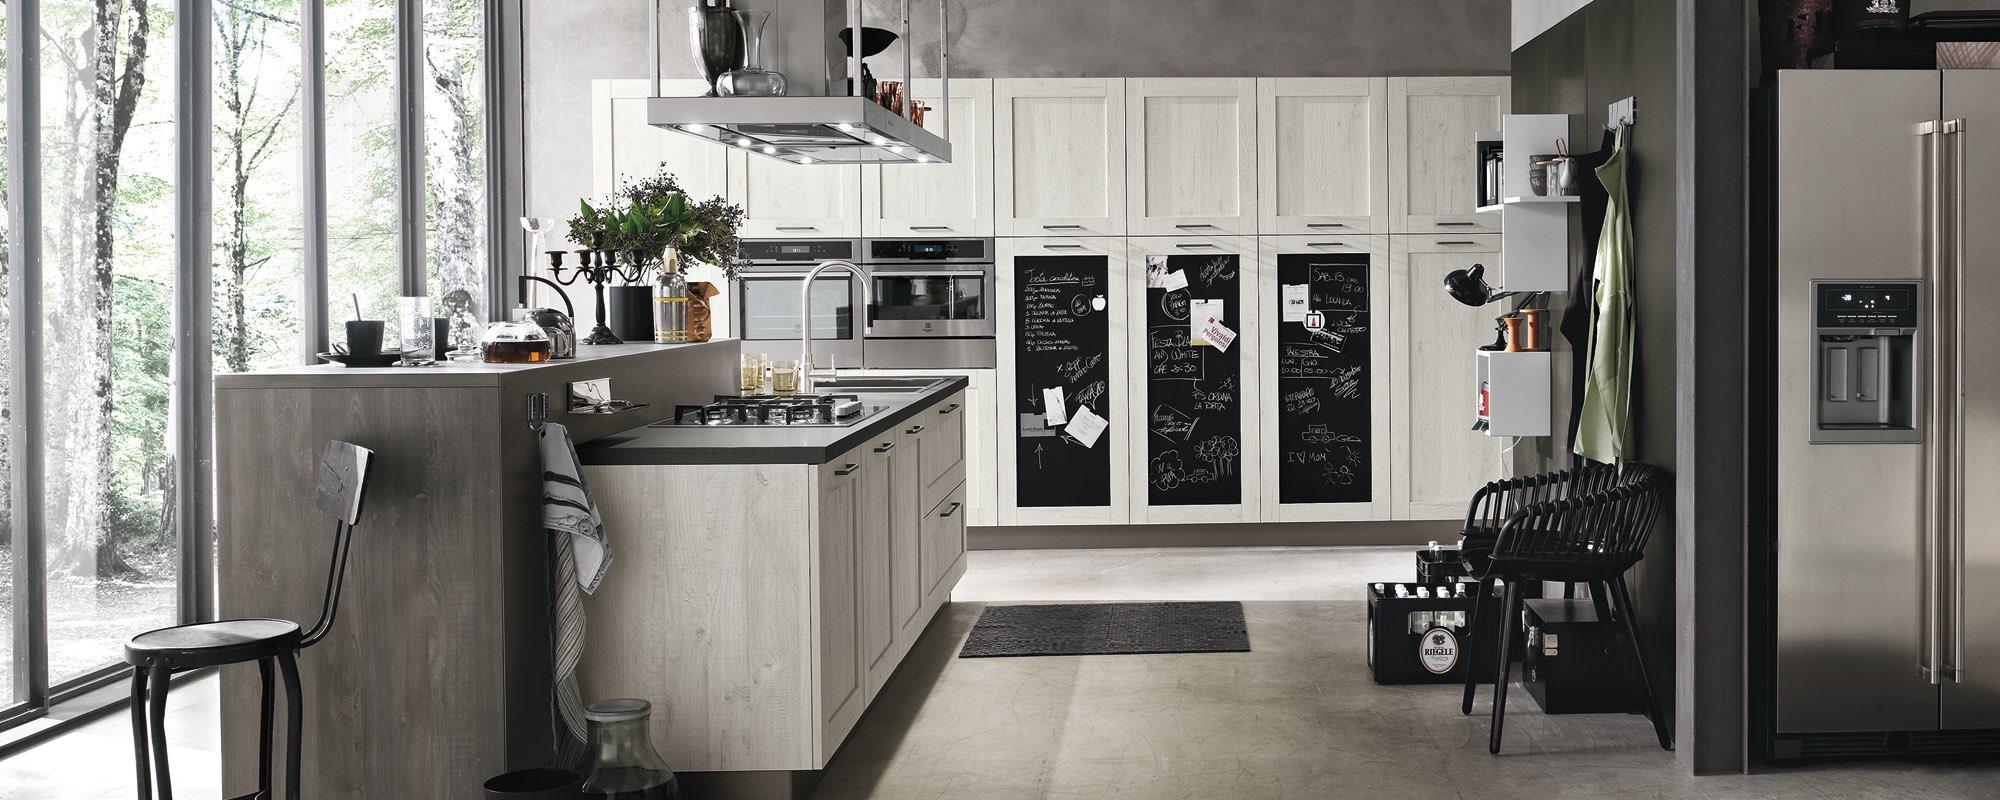 vista frontale di cucina componibile moderna con vetrata